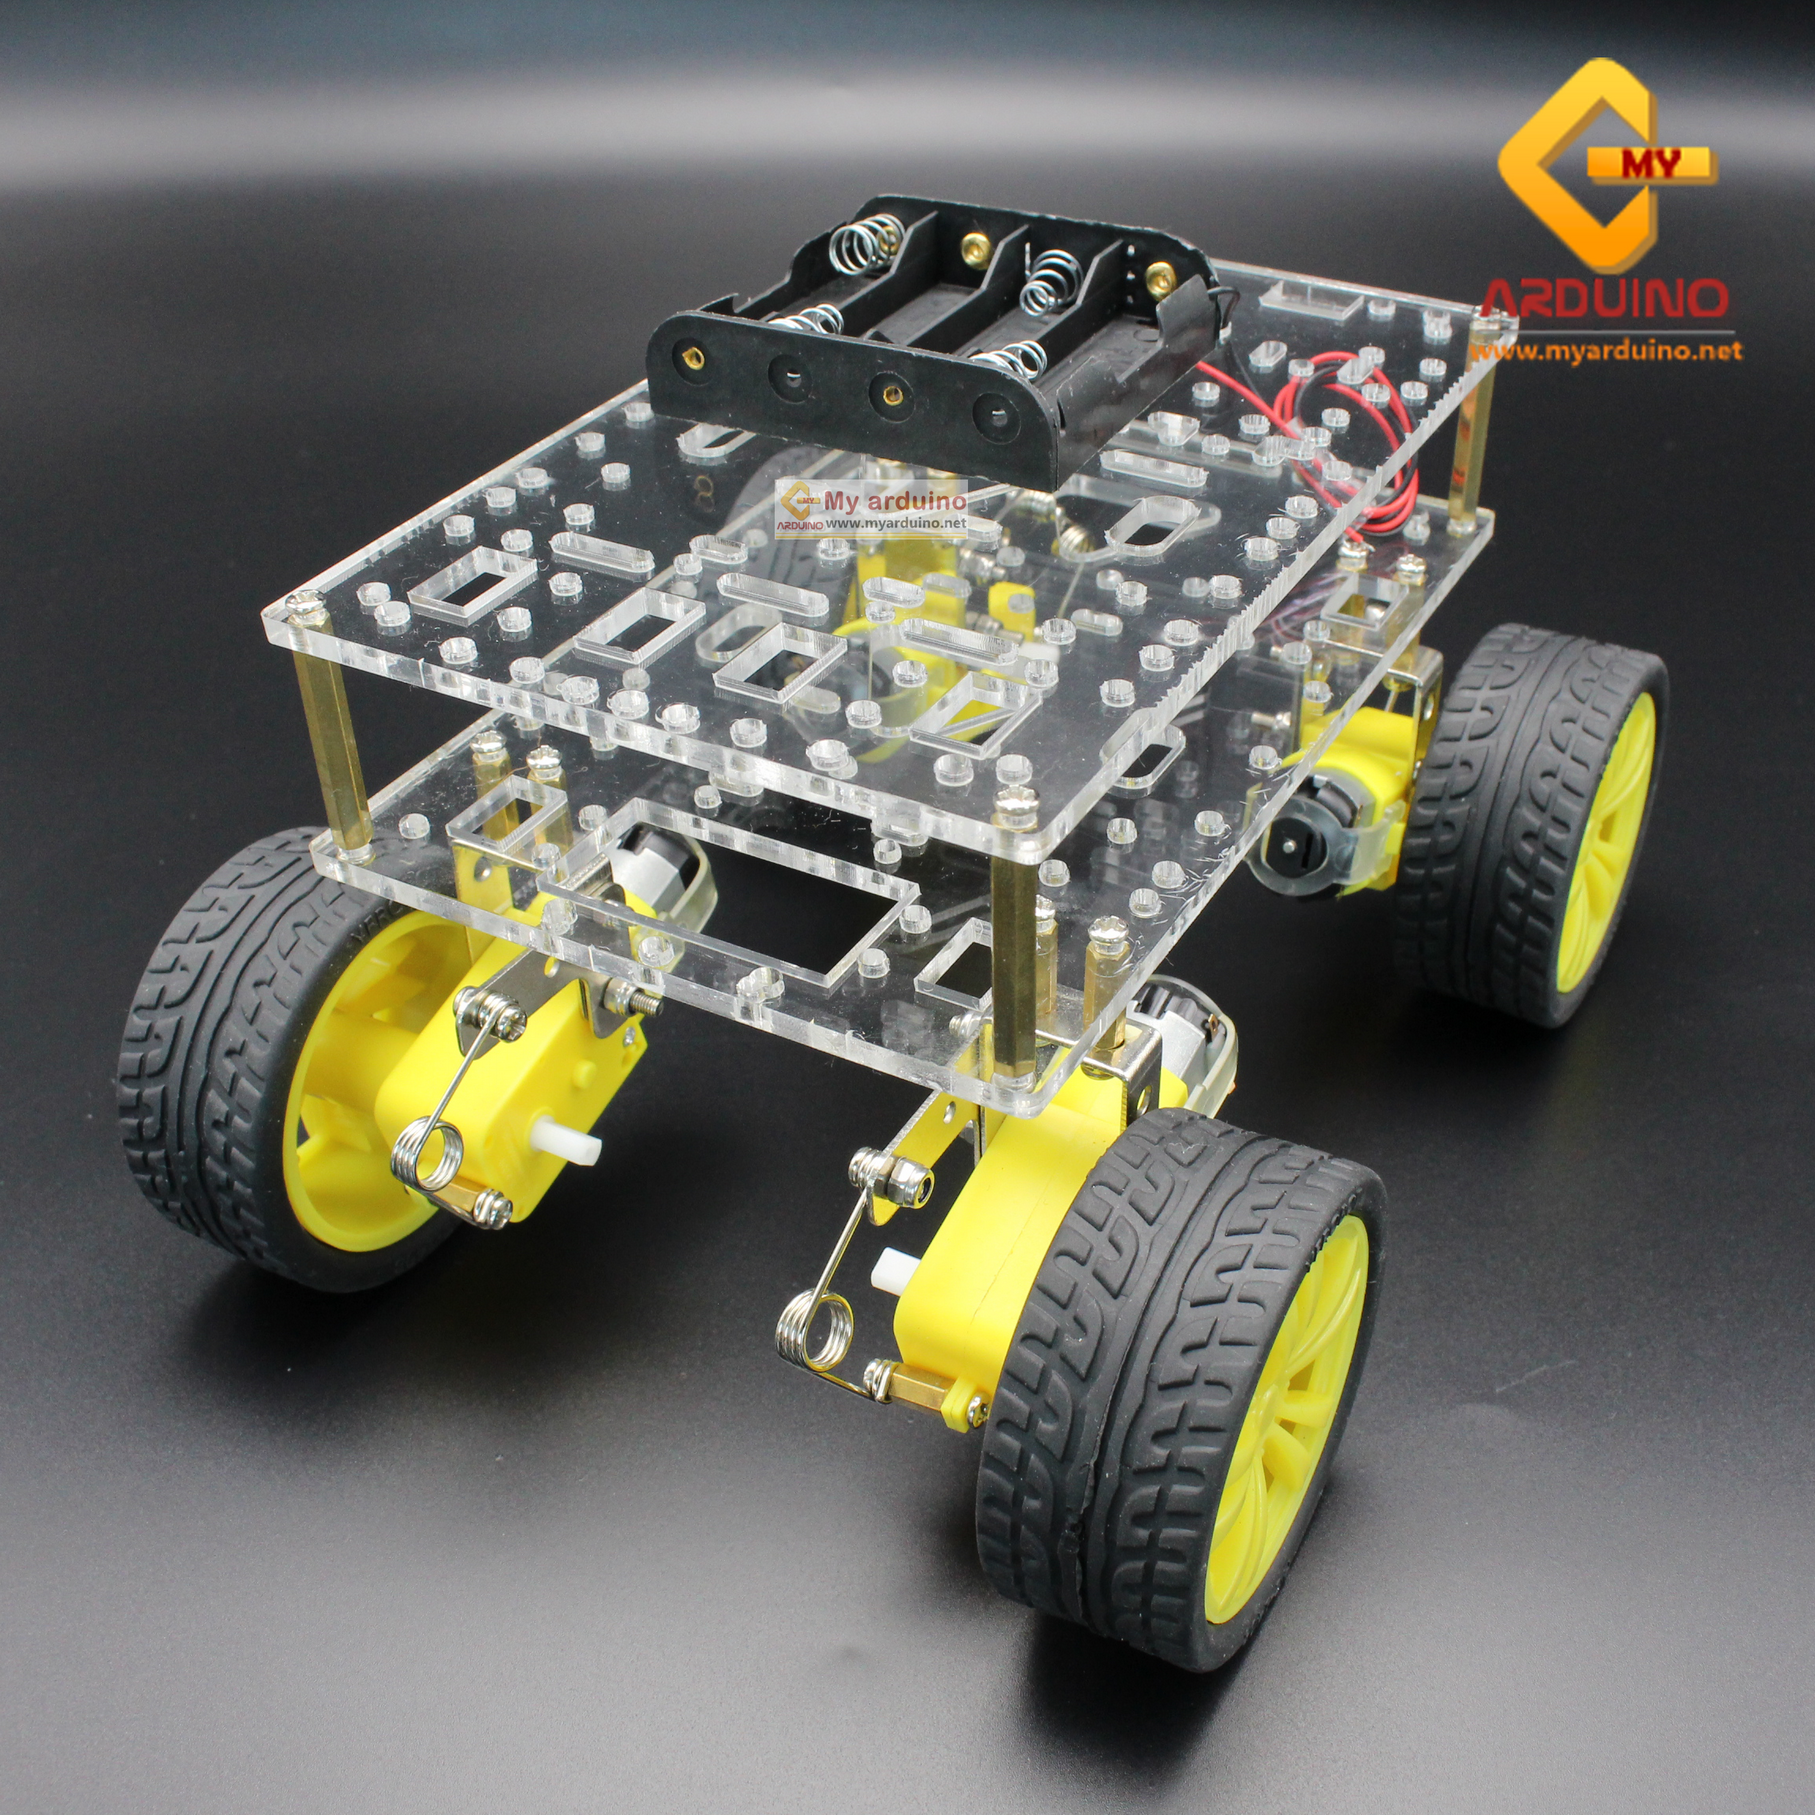 โครงหุ่นยนต์รถ 4 ล้อ พร้อมโช๊คล้อรถ